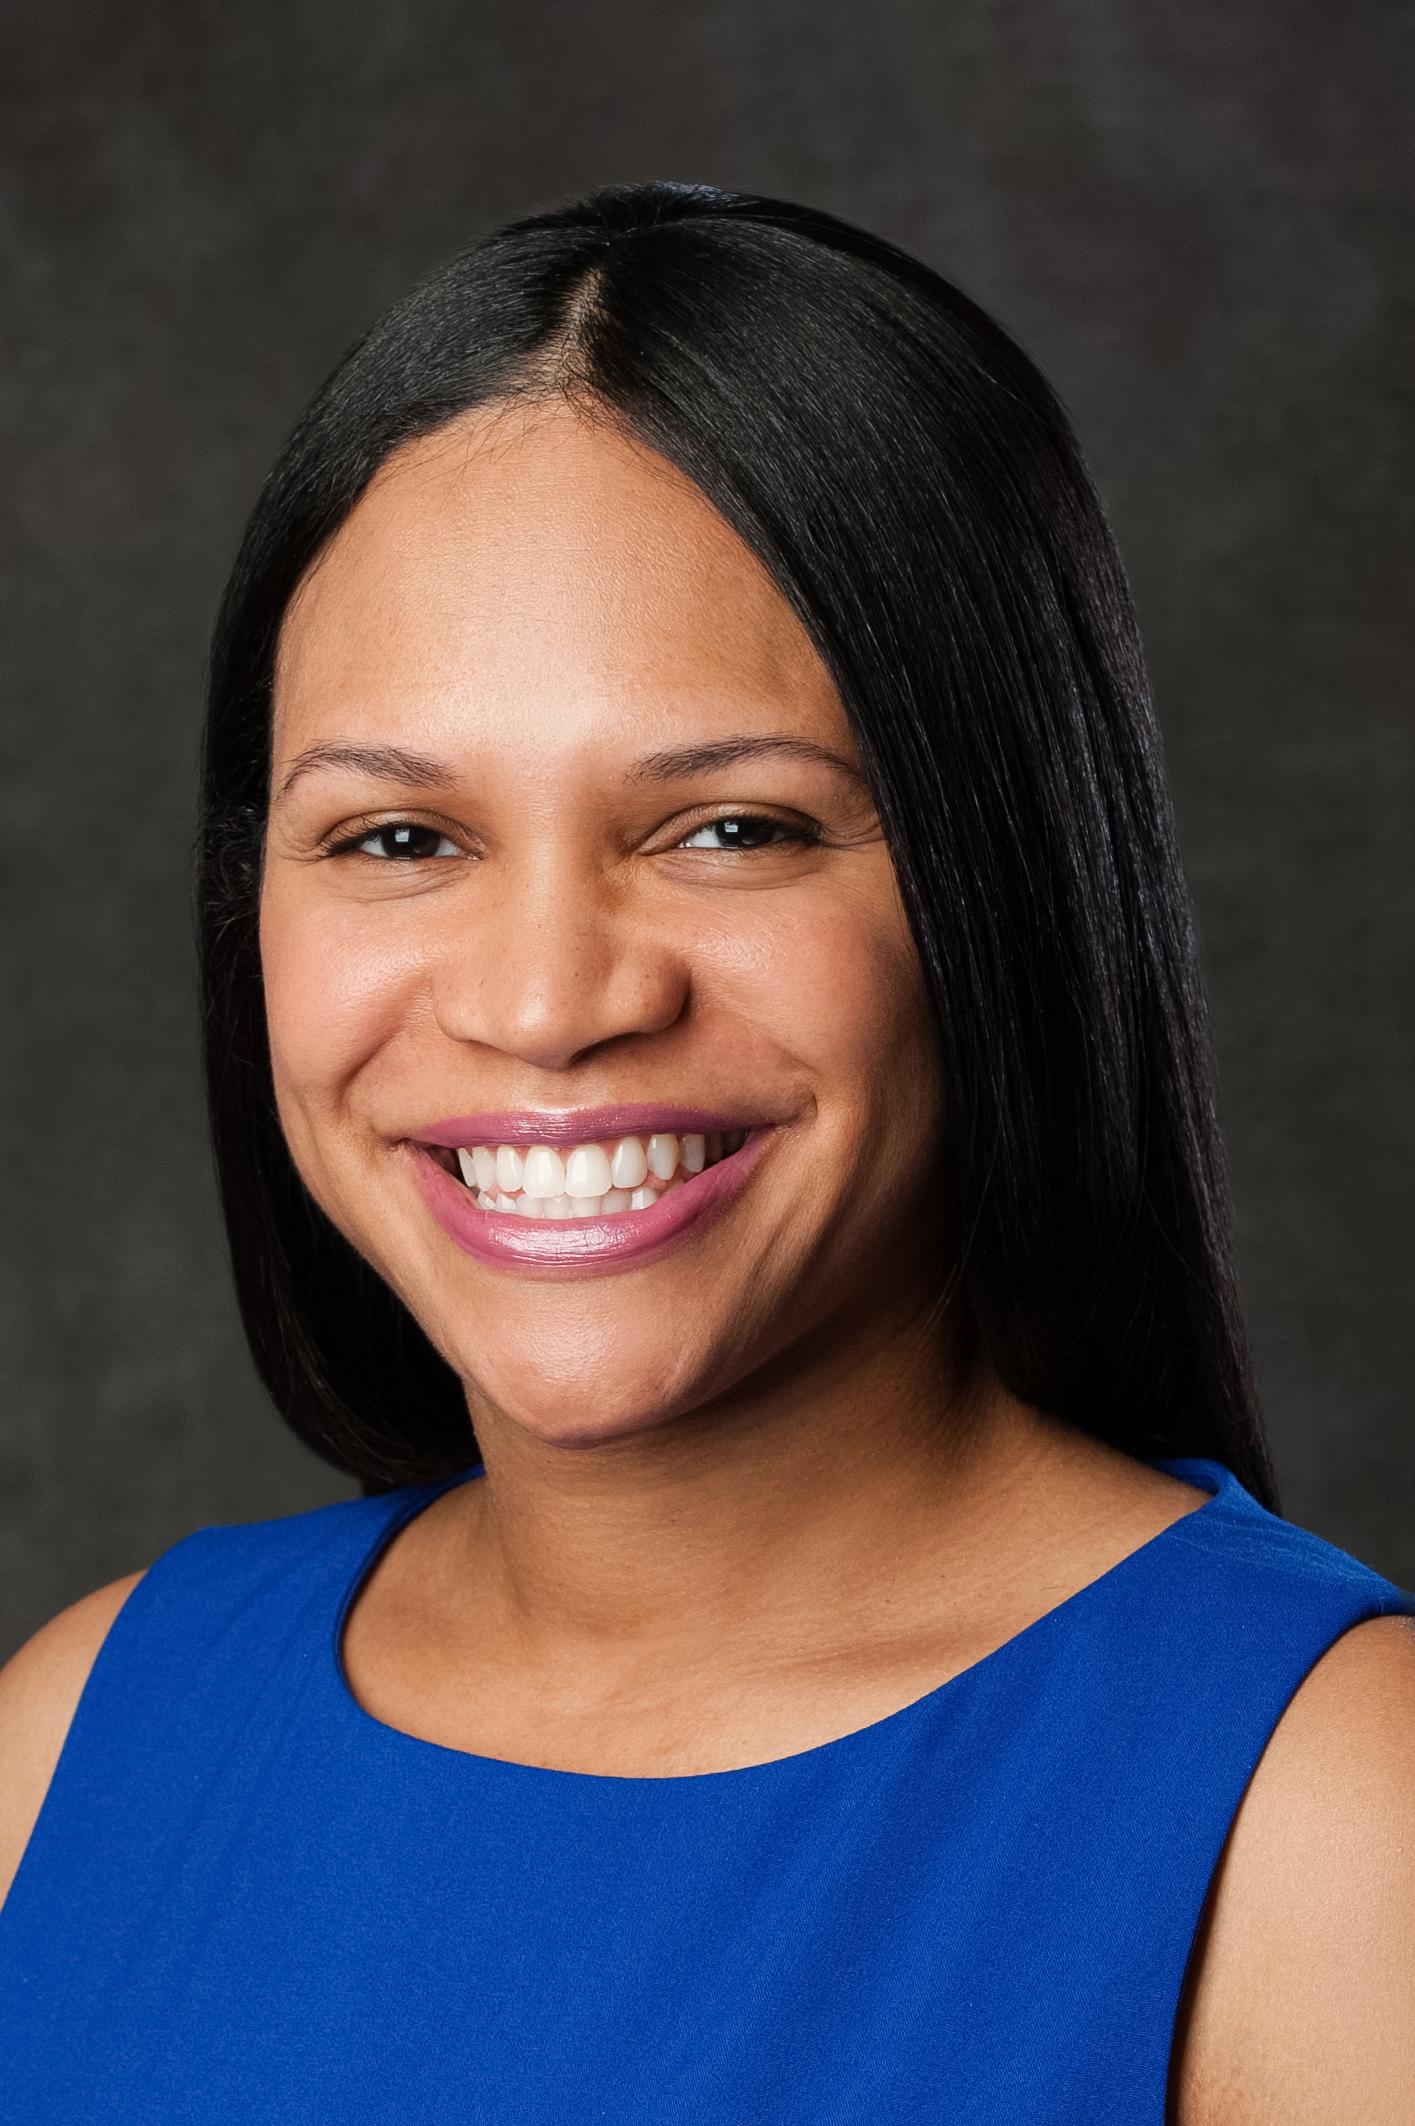 Dr. Camille J. Blake